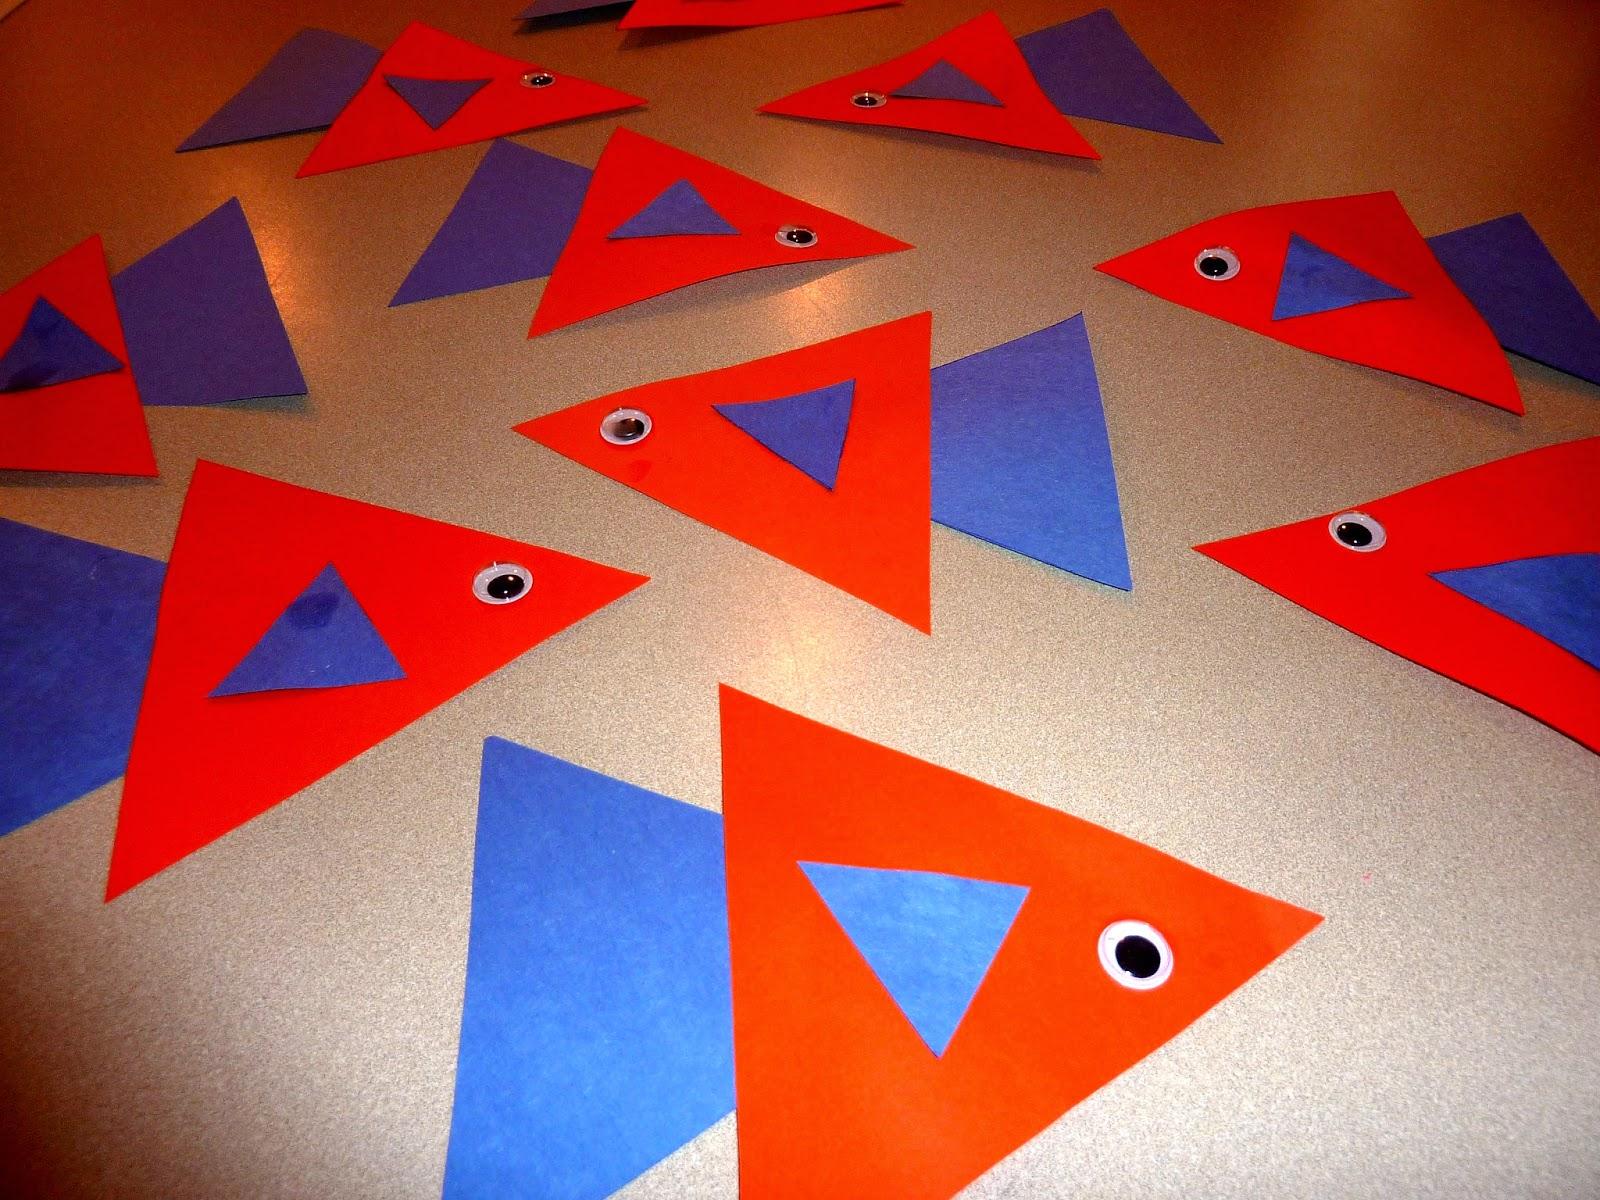 Crafts For Kids Minds More Shape Crafts For Preschoolers